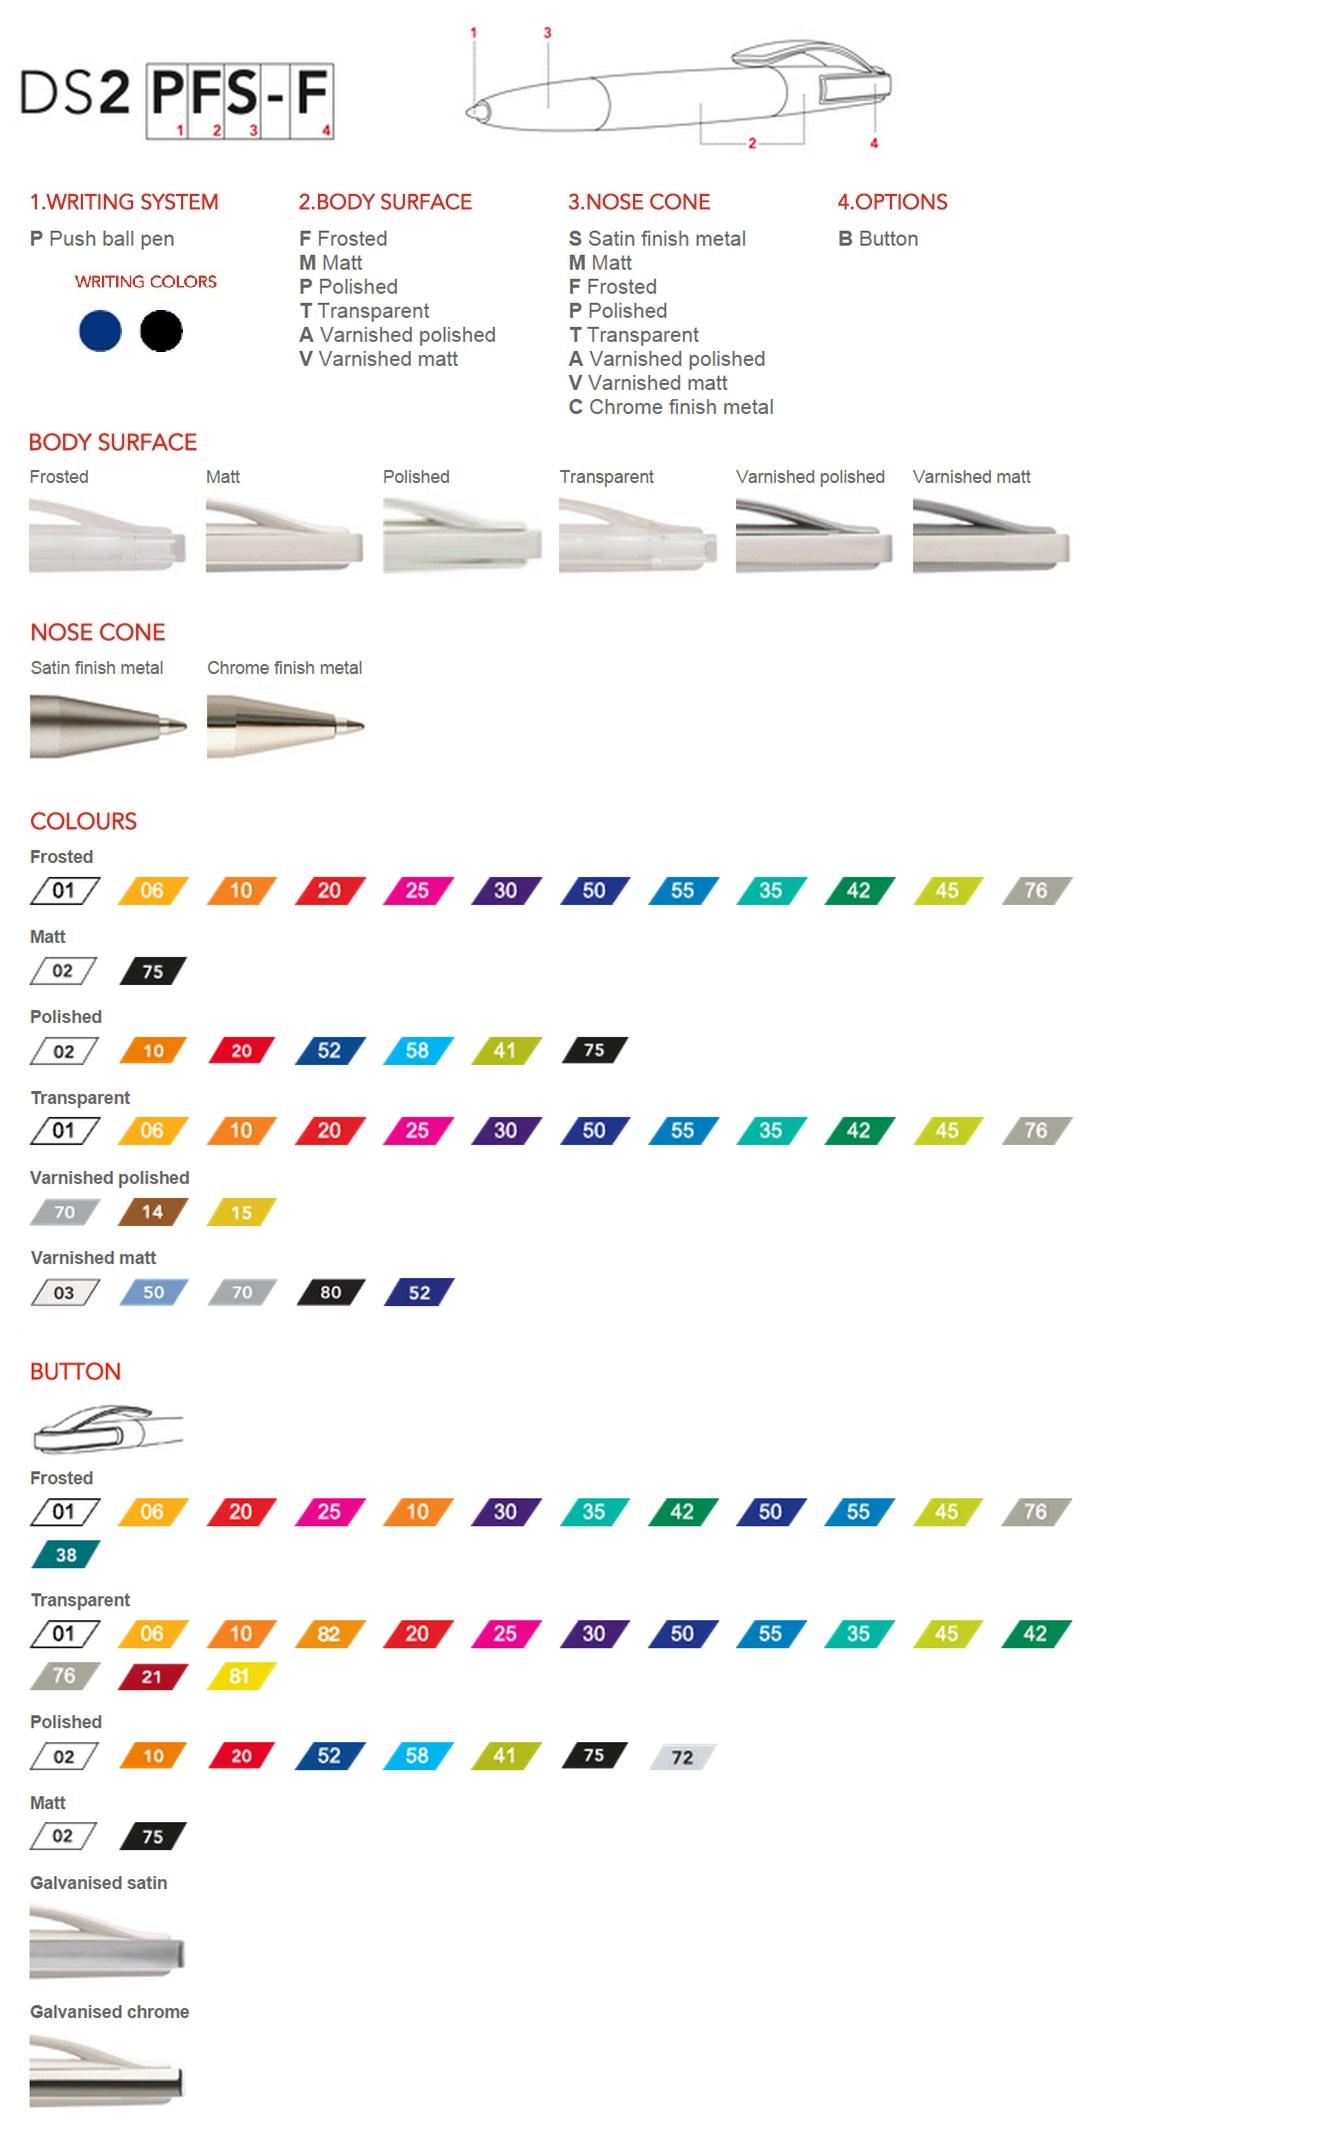 Prodir DS2 pennen personaliseren, die overzicht geeft de mogelijkheden weer hoe u uw Prodir DS2 pennen kunt personaliseren.